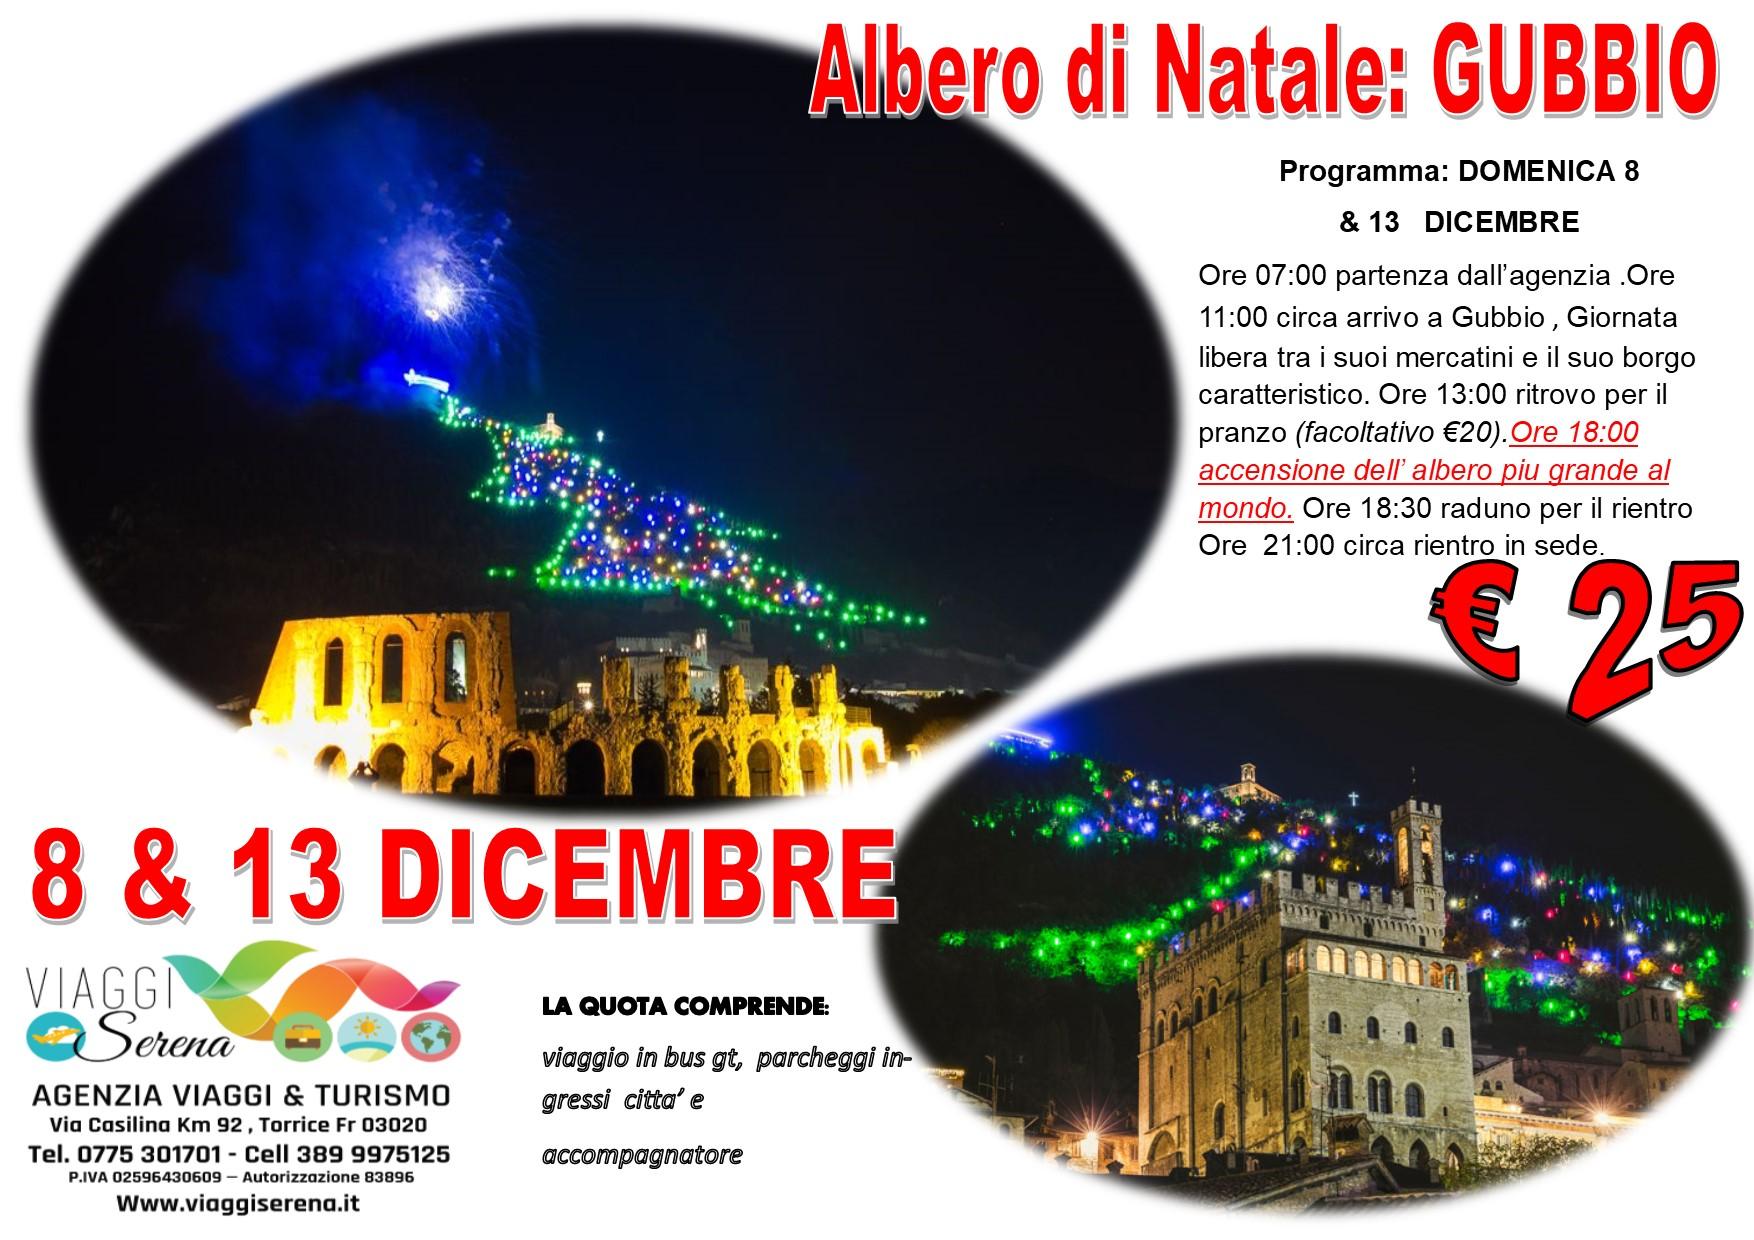 """Viaggi di Gruppo: GUBBIO """"L'albero di Natale piu' grande al Mondo"""" 8 & 13 Dicembre  € 25,00"""